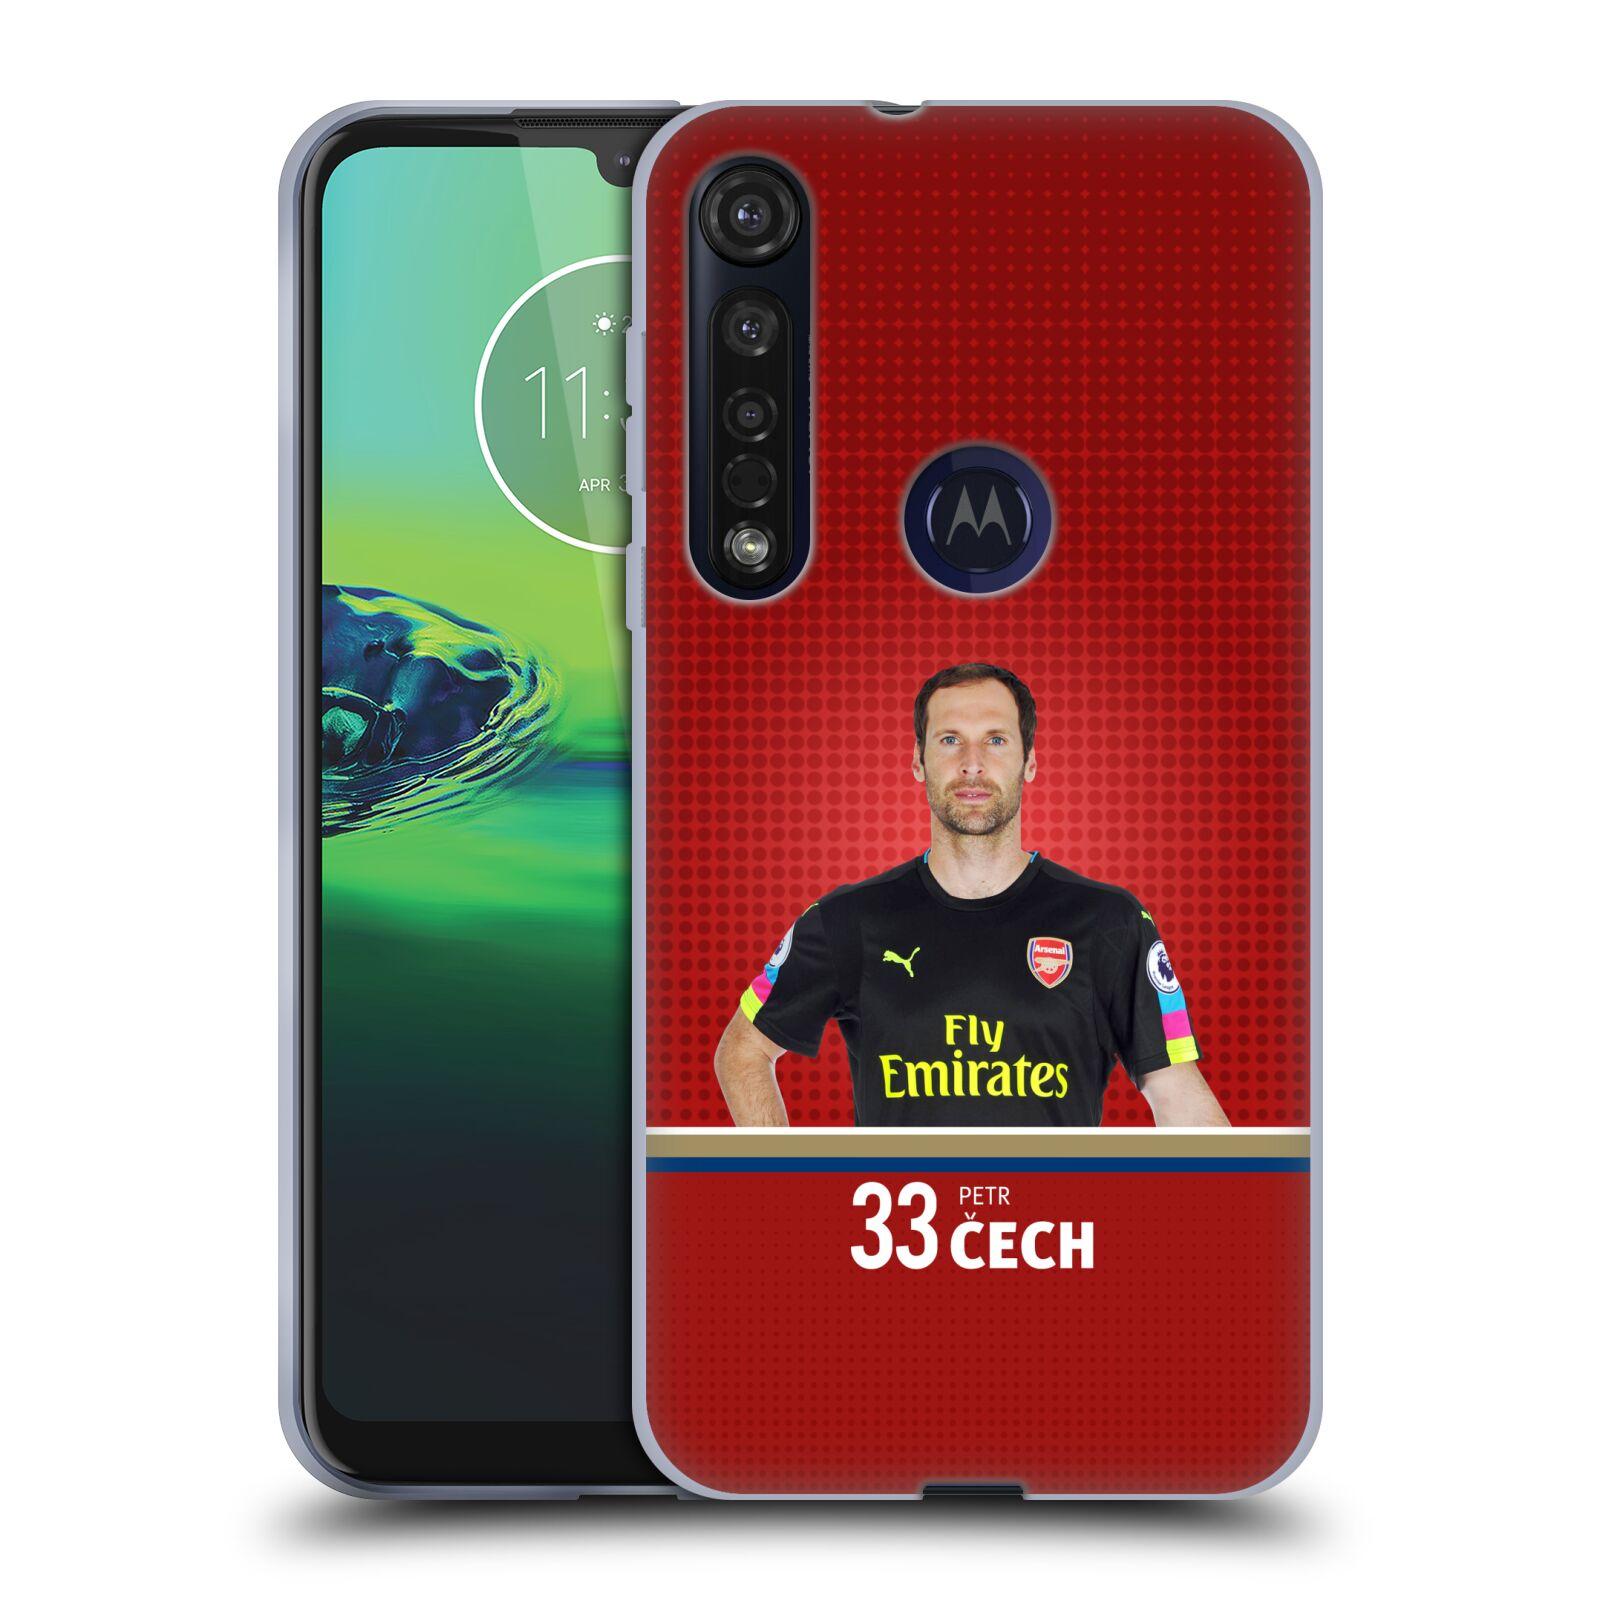 Silikonové pouzdro na mobil Motorola Moto G8 Plus - Head Case - Arsenal FC - Petr Čech